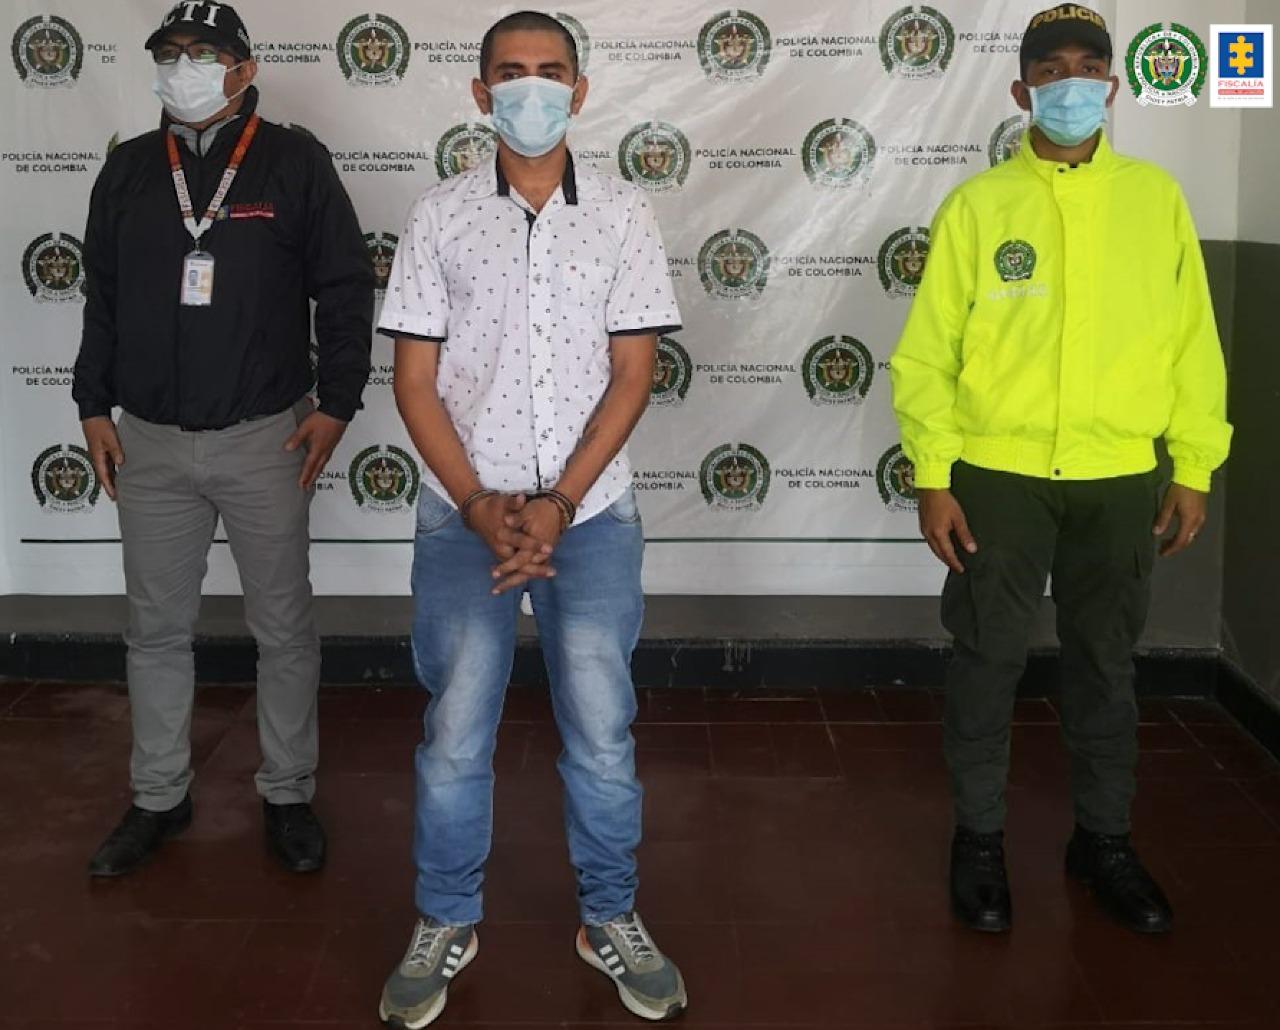 Judicializado por el homicidio de un peluquero en Paujil, Caquetá - Noticias de Colombia